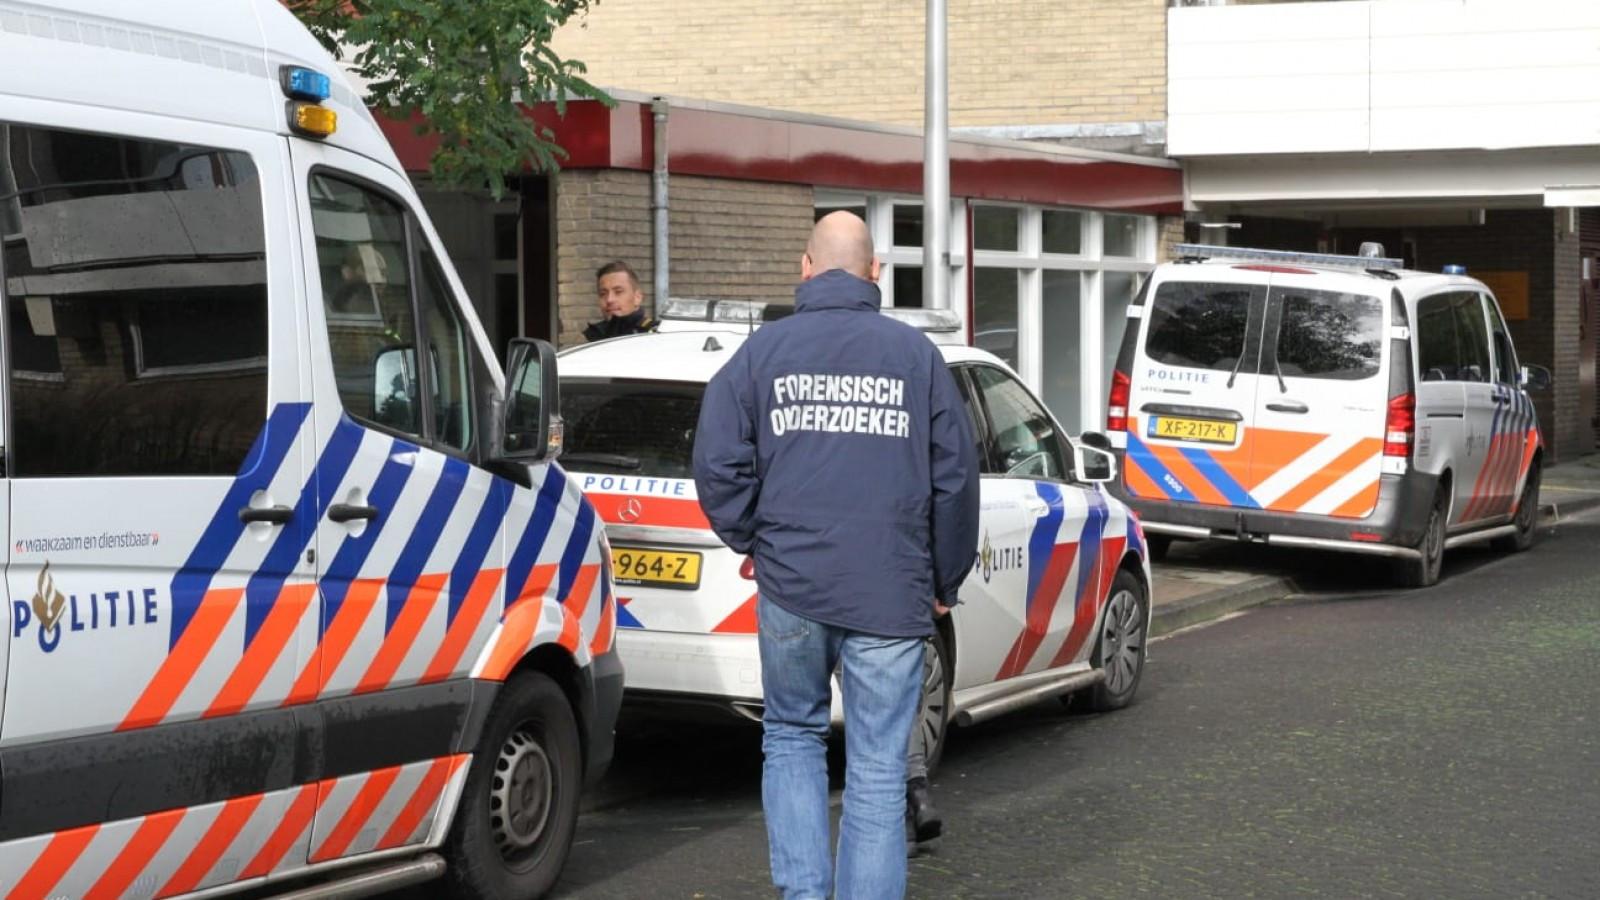 De politie doet onderzoek naar de dood van een moeder en een pasgeboren baby in een woning aan de Martin Luther Kinglaan in Diemen.